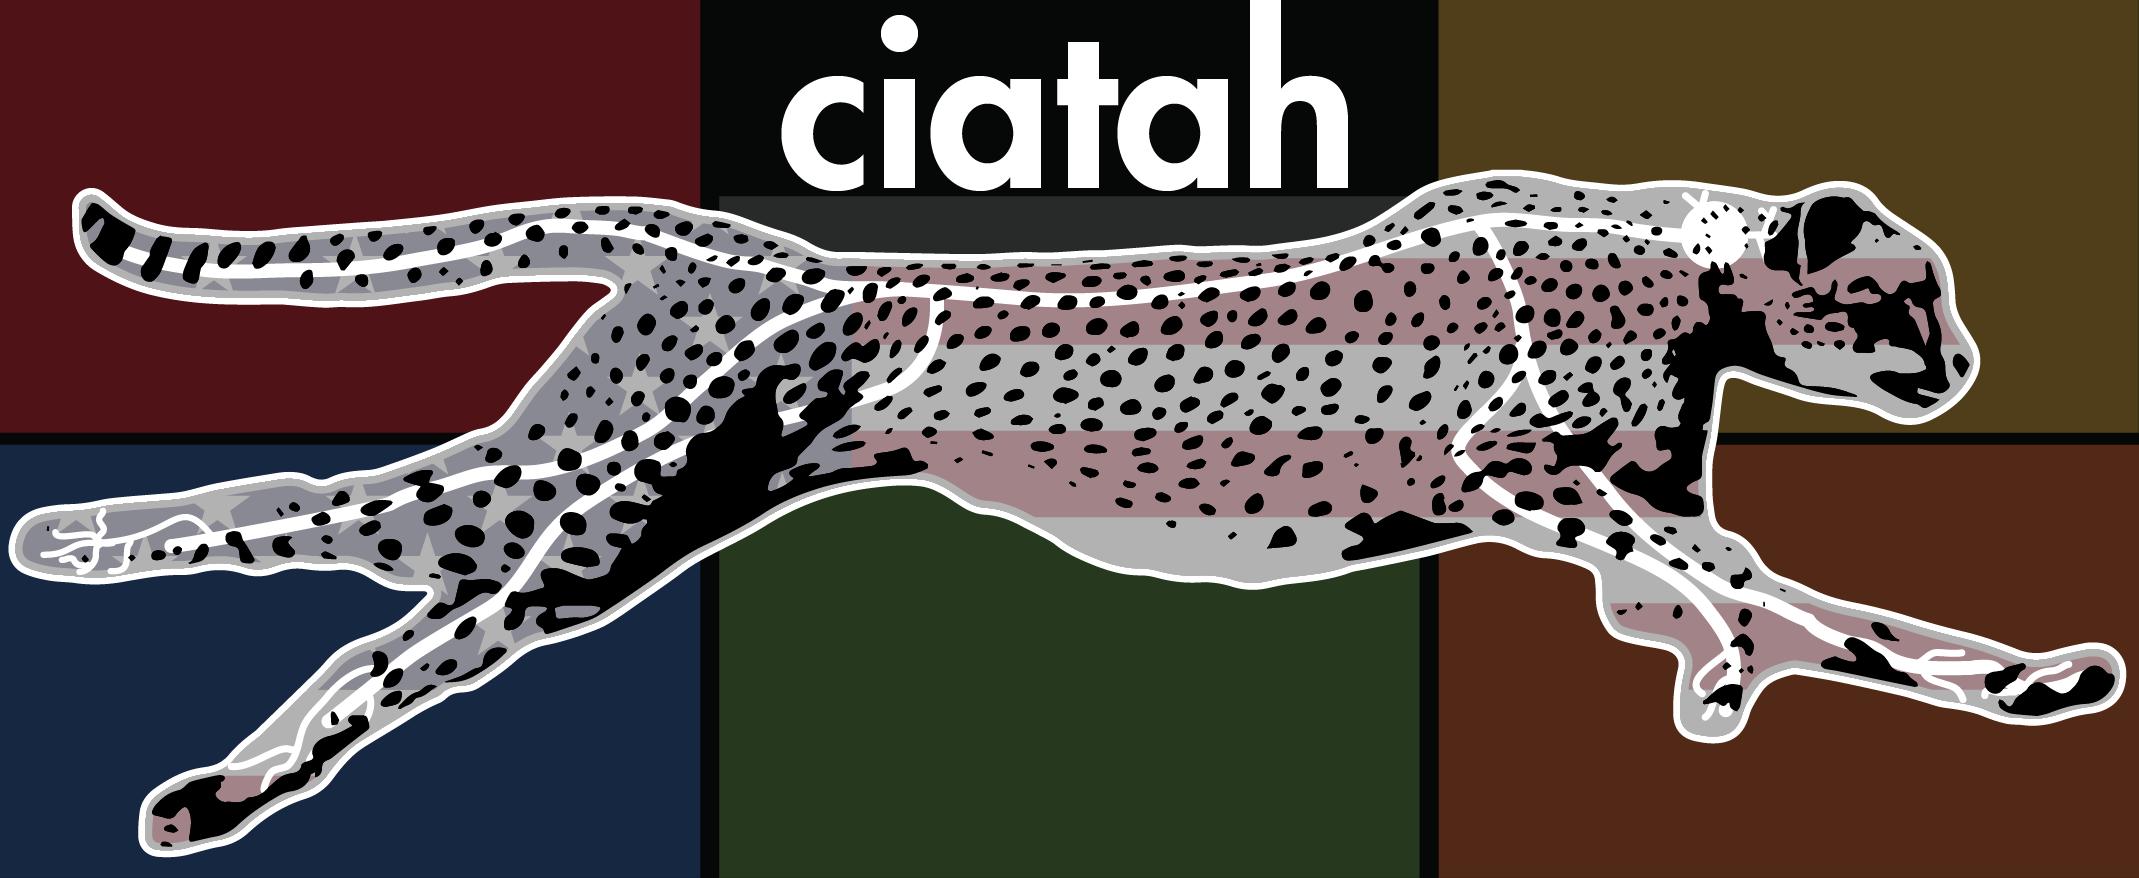 ciatah_logo